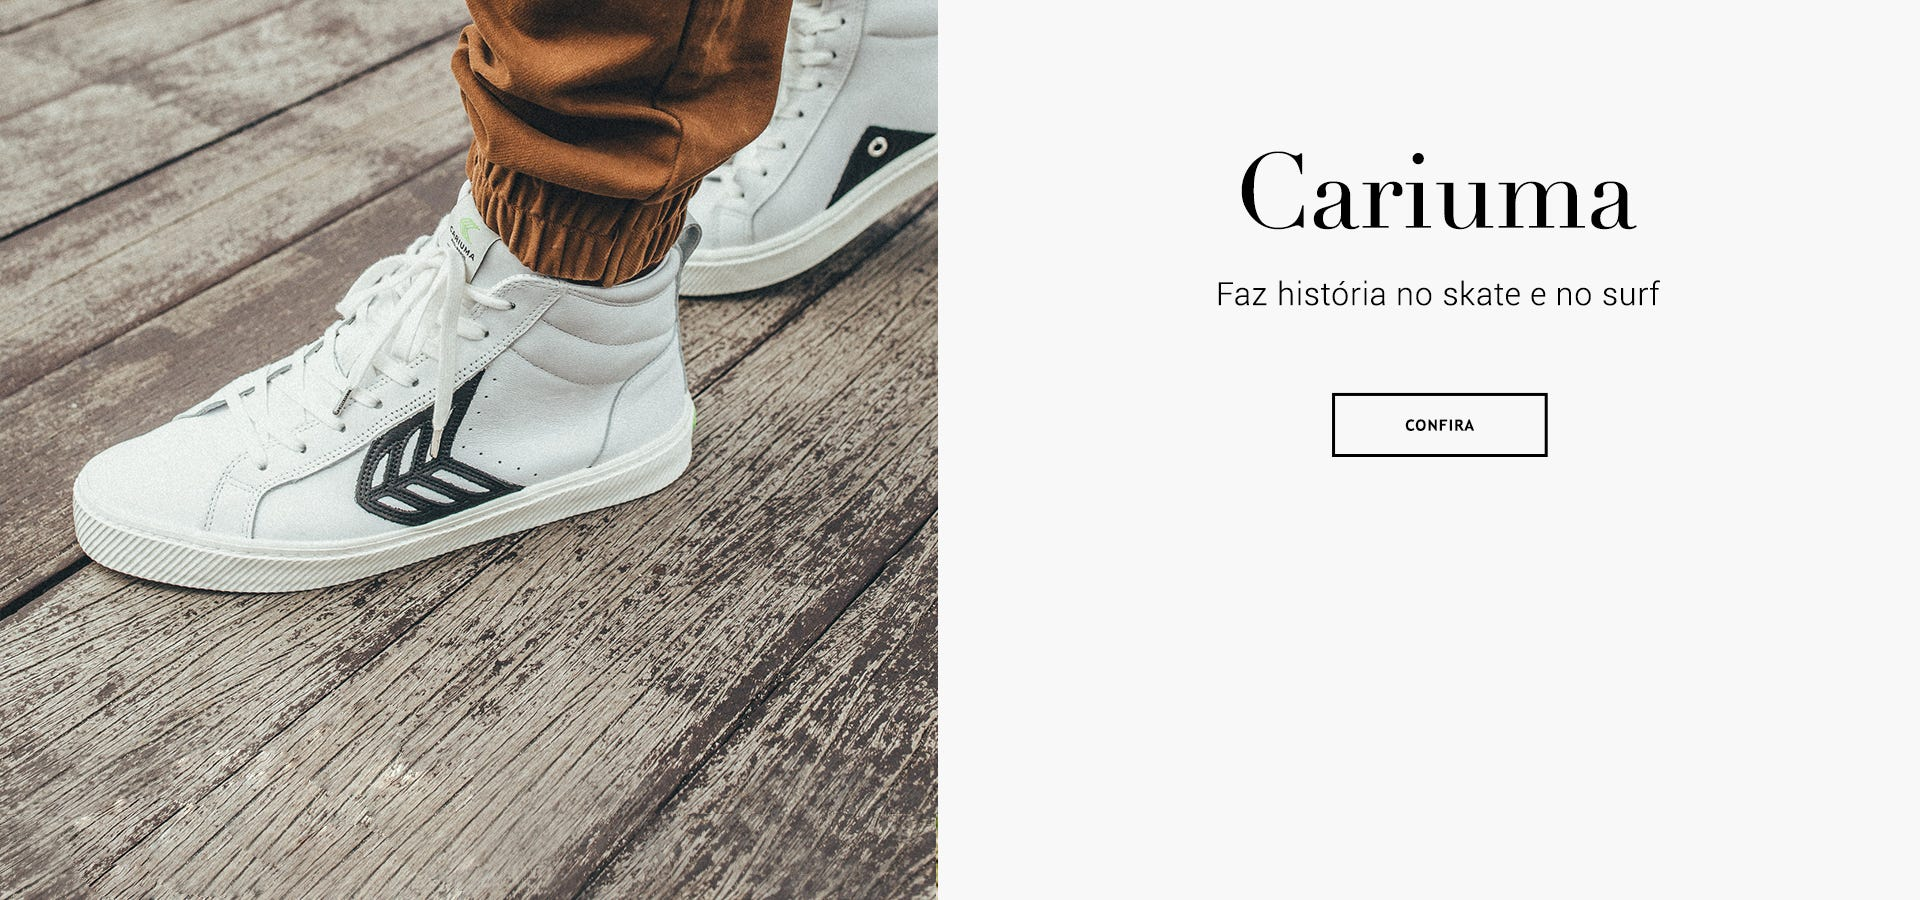 Moda sustentável patrocinador atleta olímpico surf skate Cariuma Brasil Online tênis